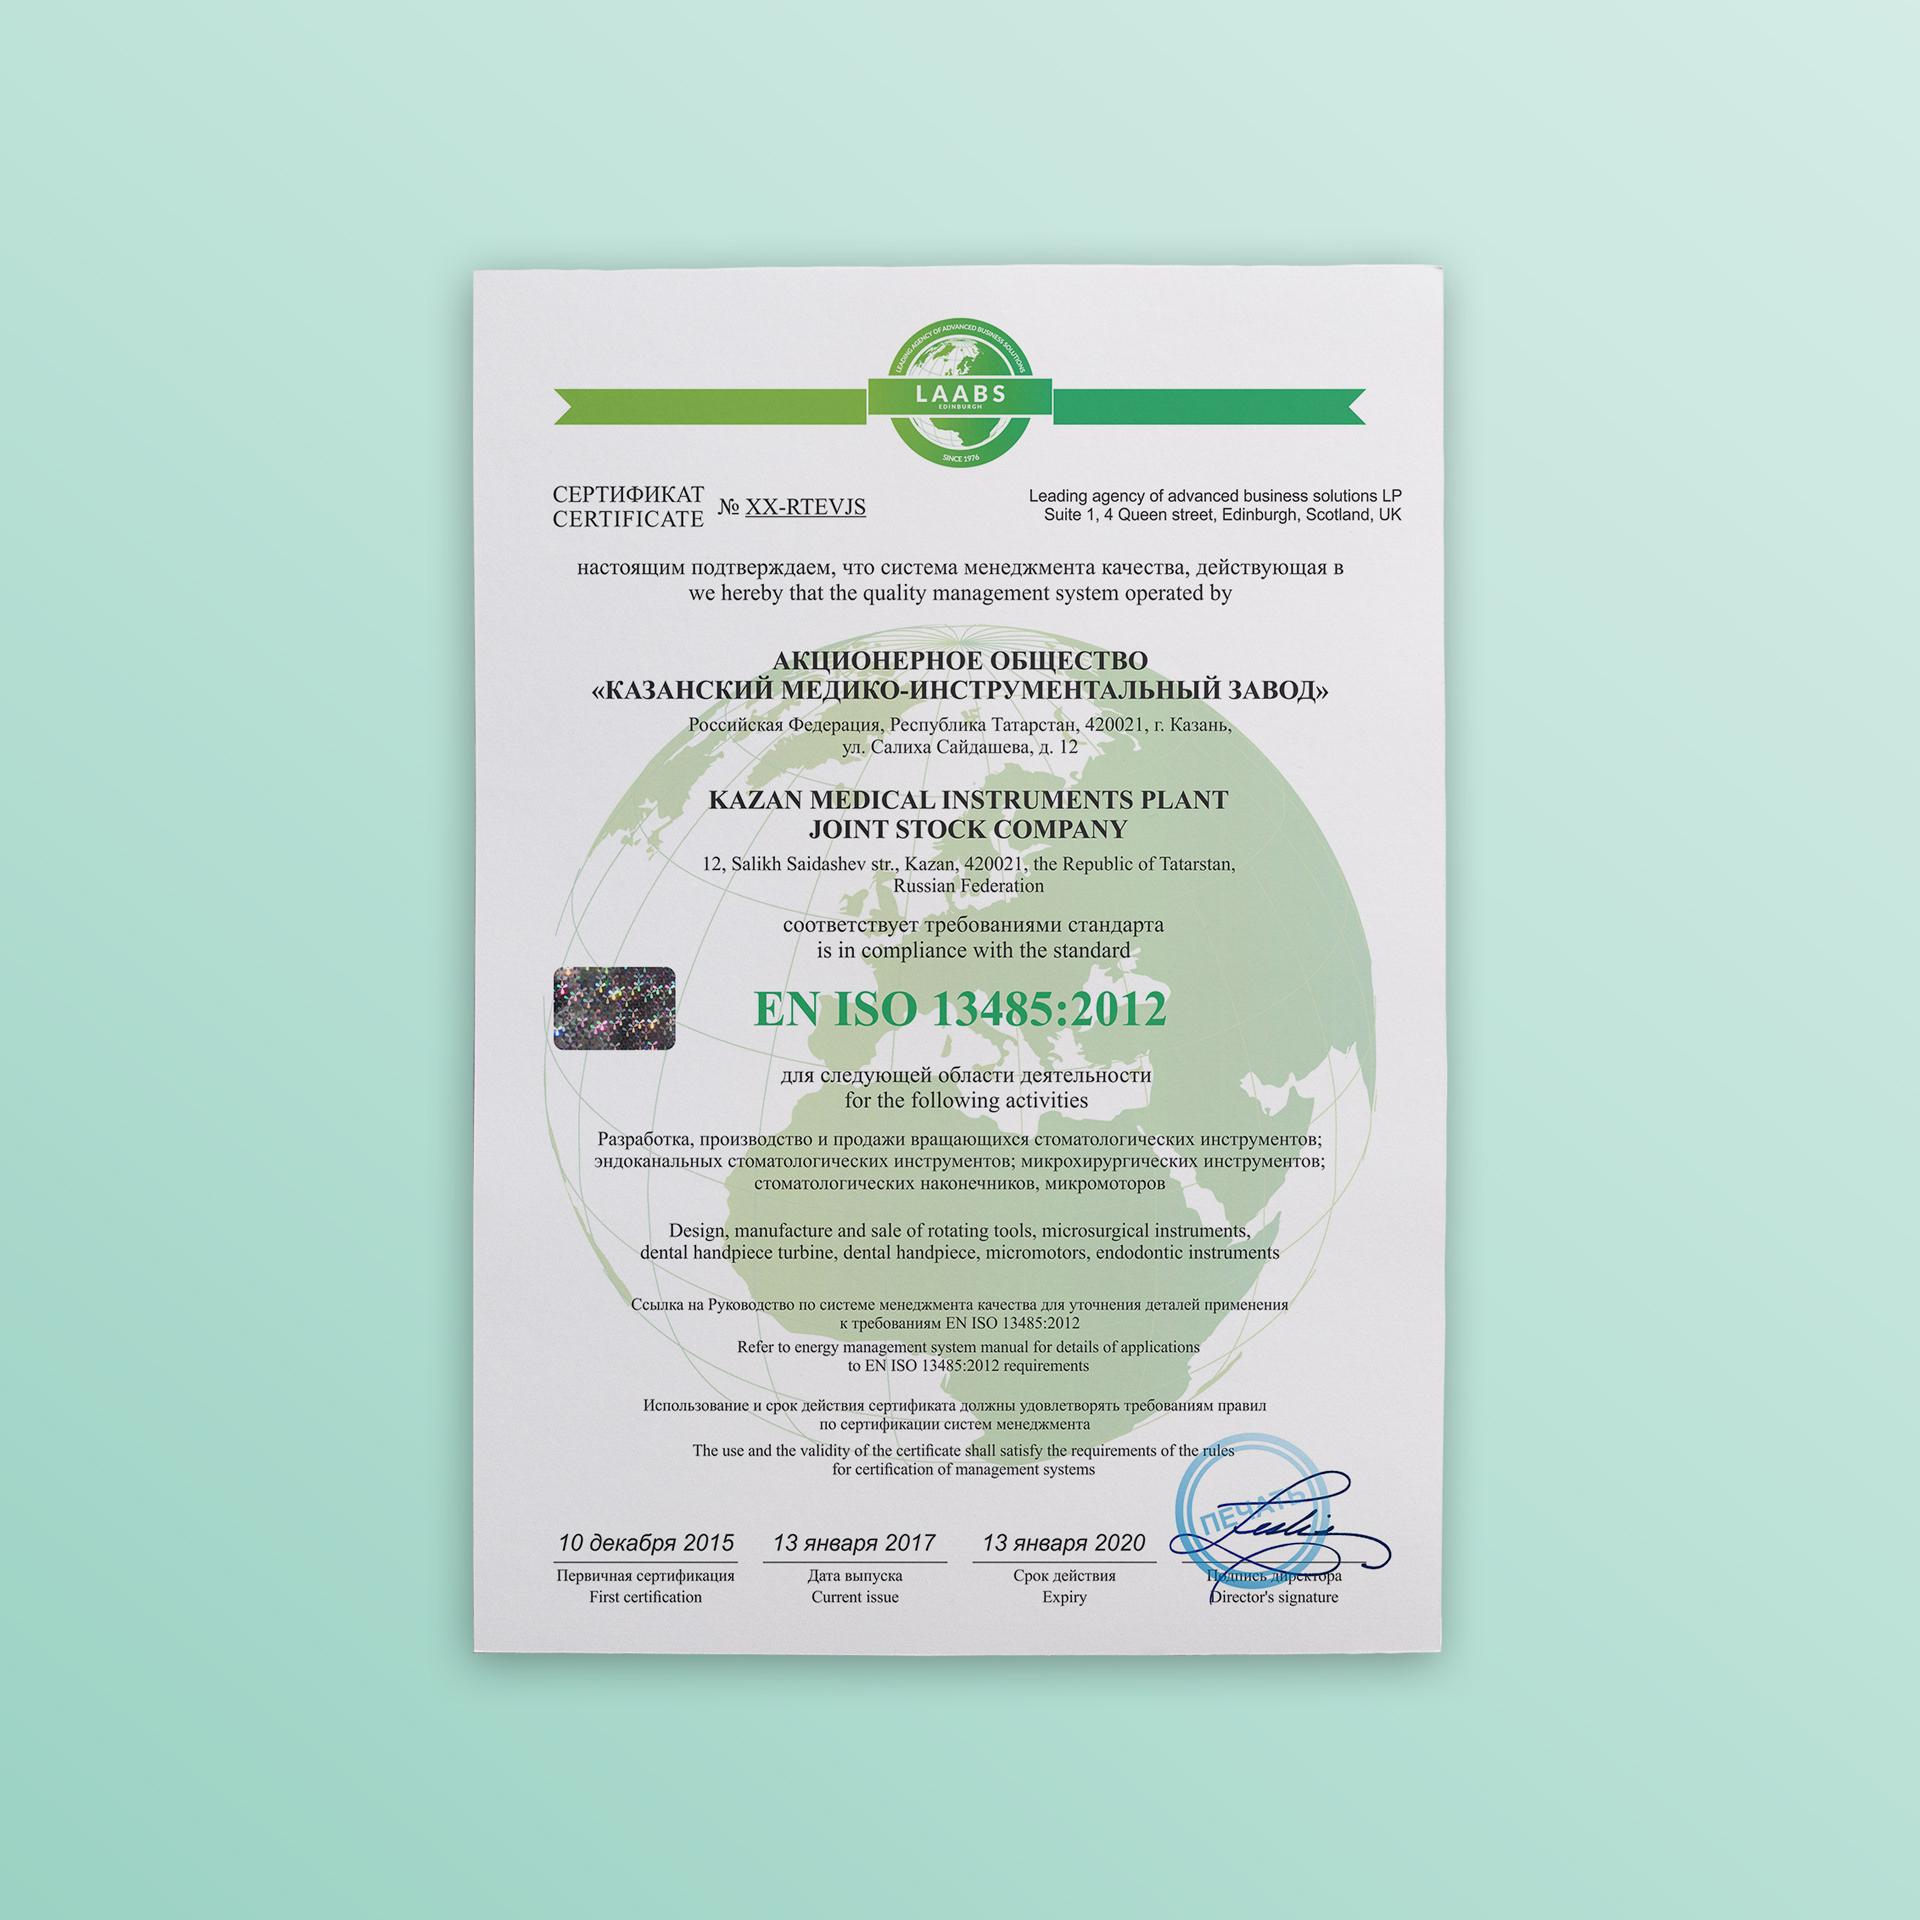 Необходимо разработать дизайн 3 сертификатов фото f_7045878a27a163bd.jpg